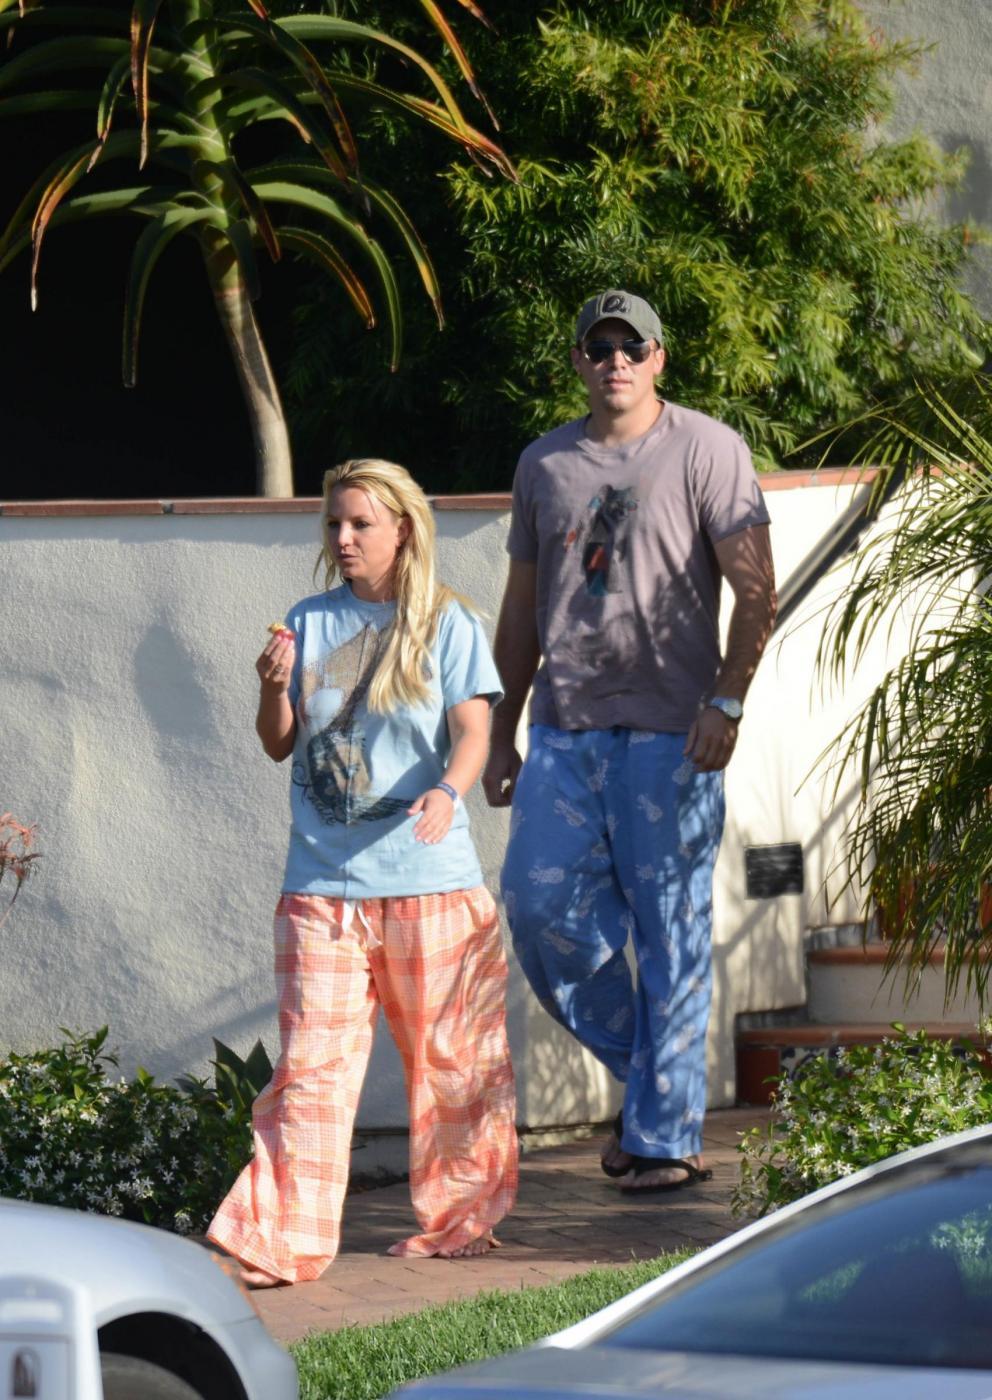 Britney Spears in vacanza con il fidanzato David Lucado04